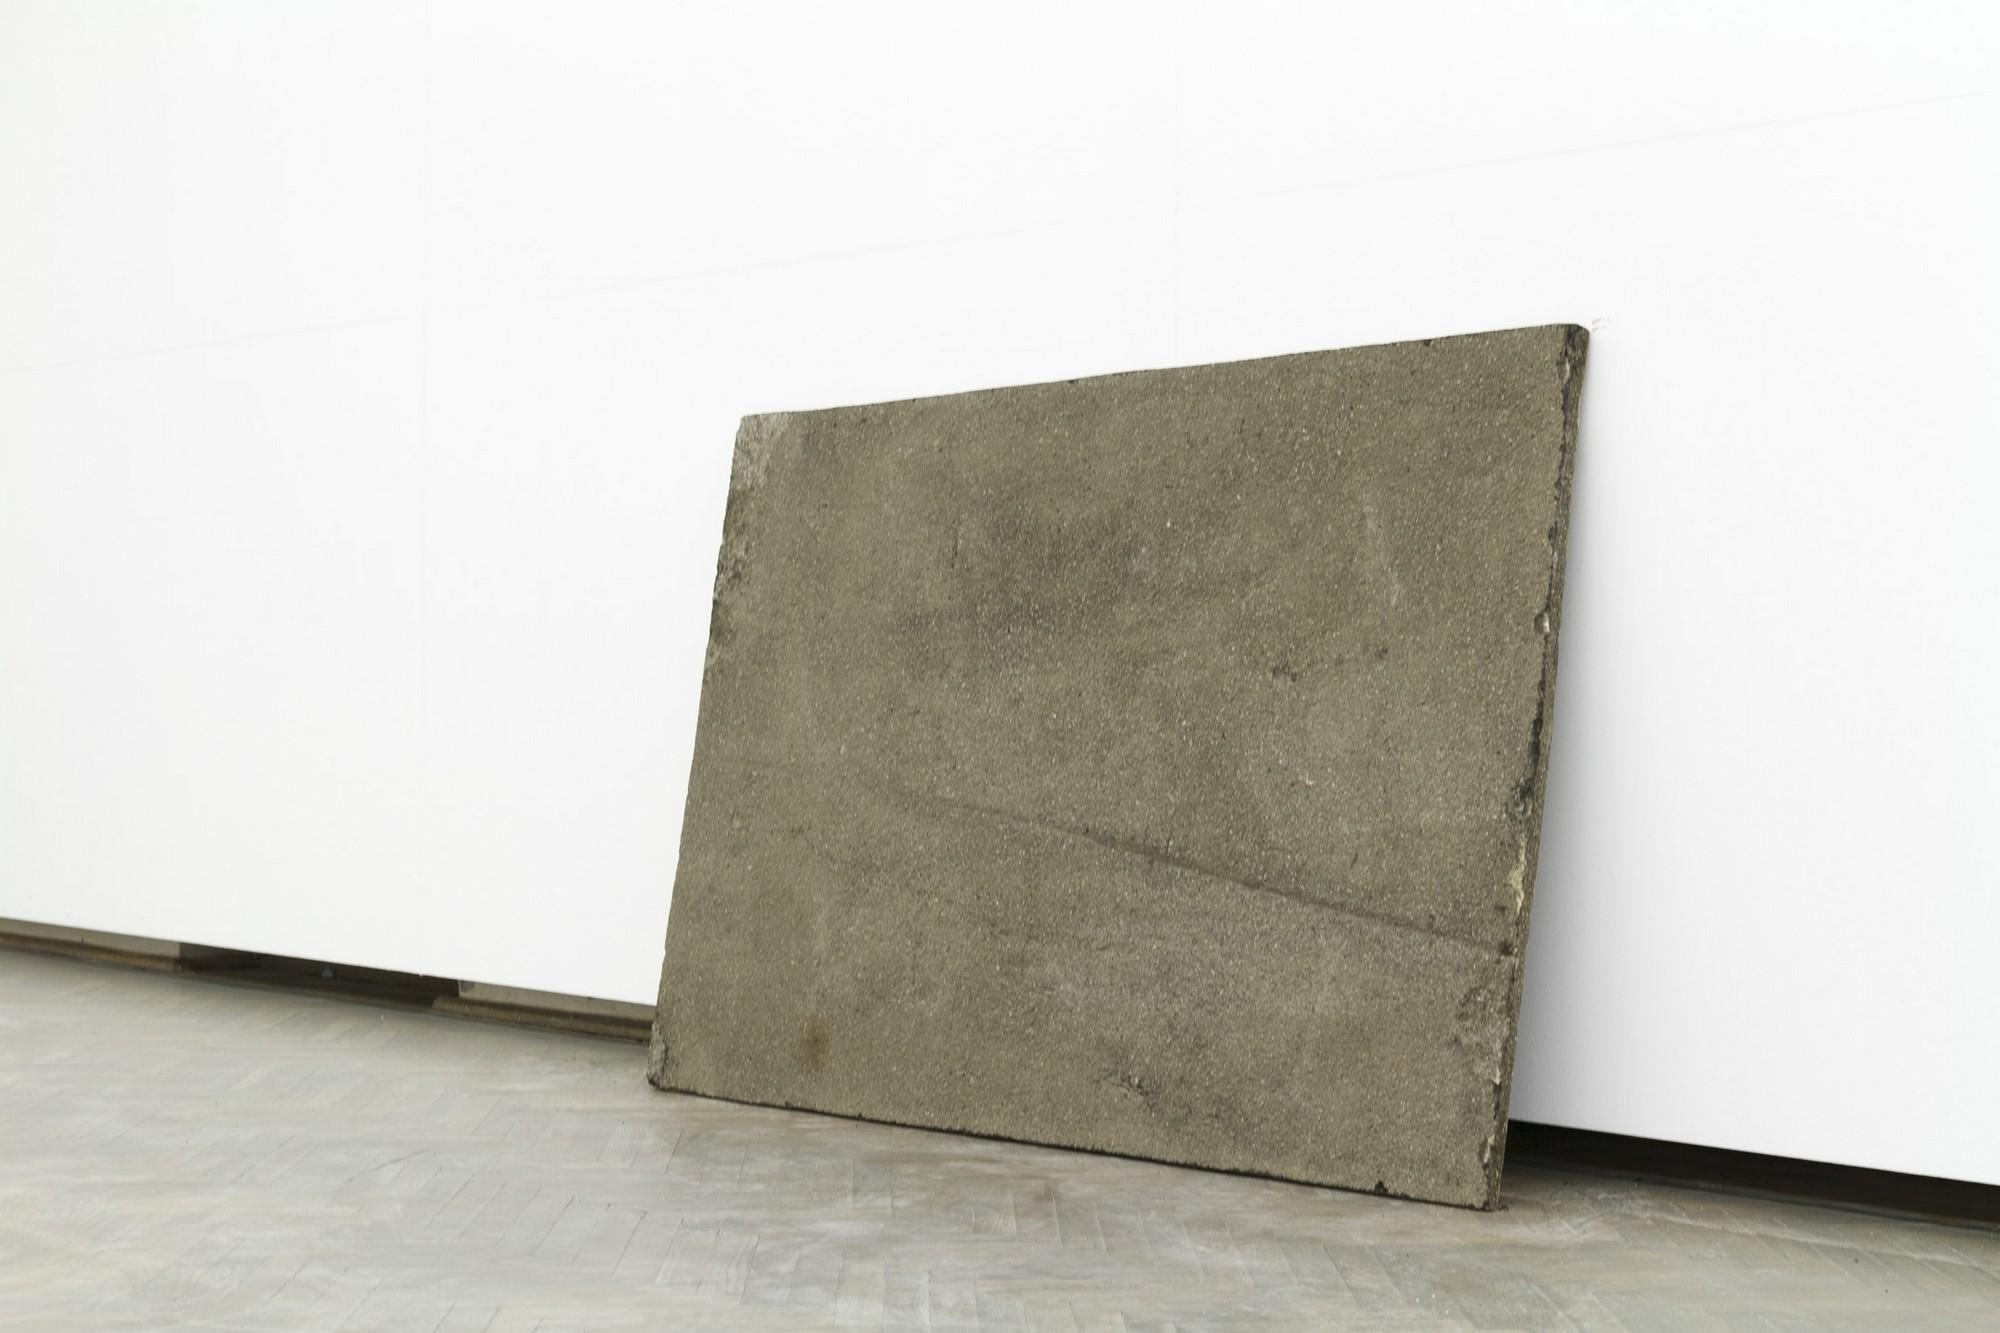 """Zhanna Kadarova, """"Asphalt cut-out"""", 2011, obraz 150 x 100cm (źródło: materiały prasowe organizatora wystawy)"""